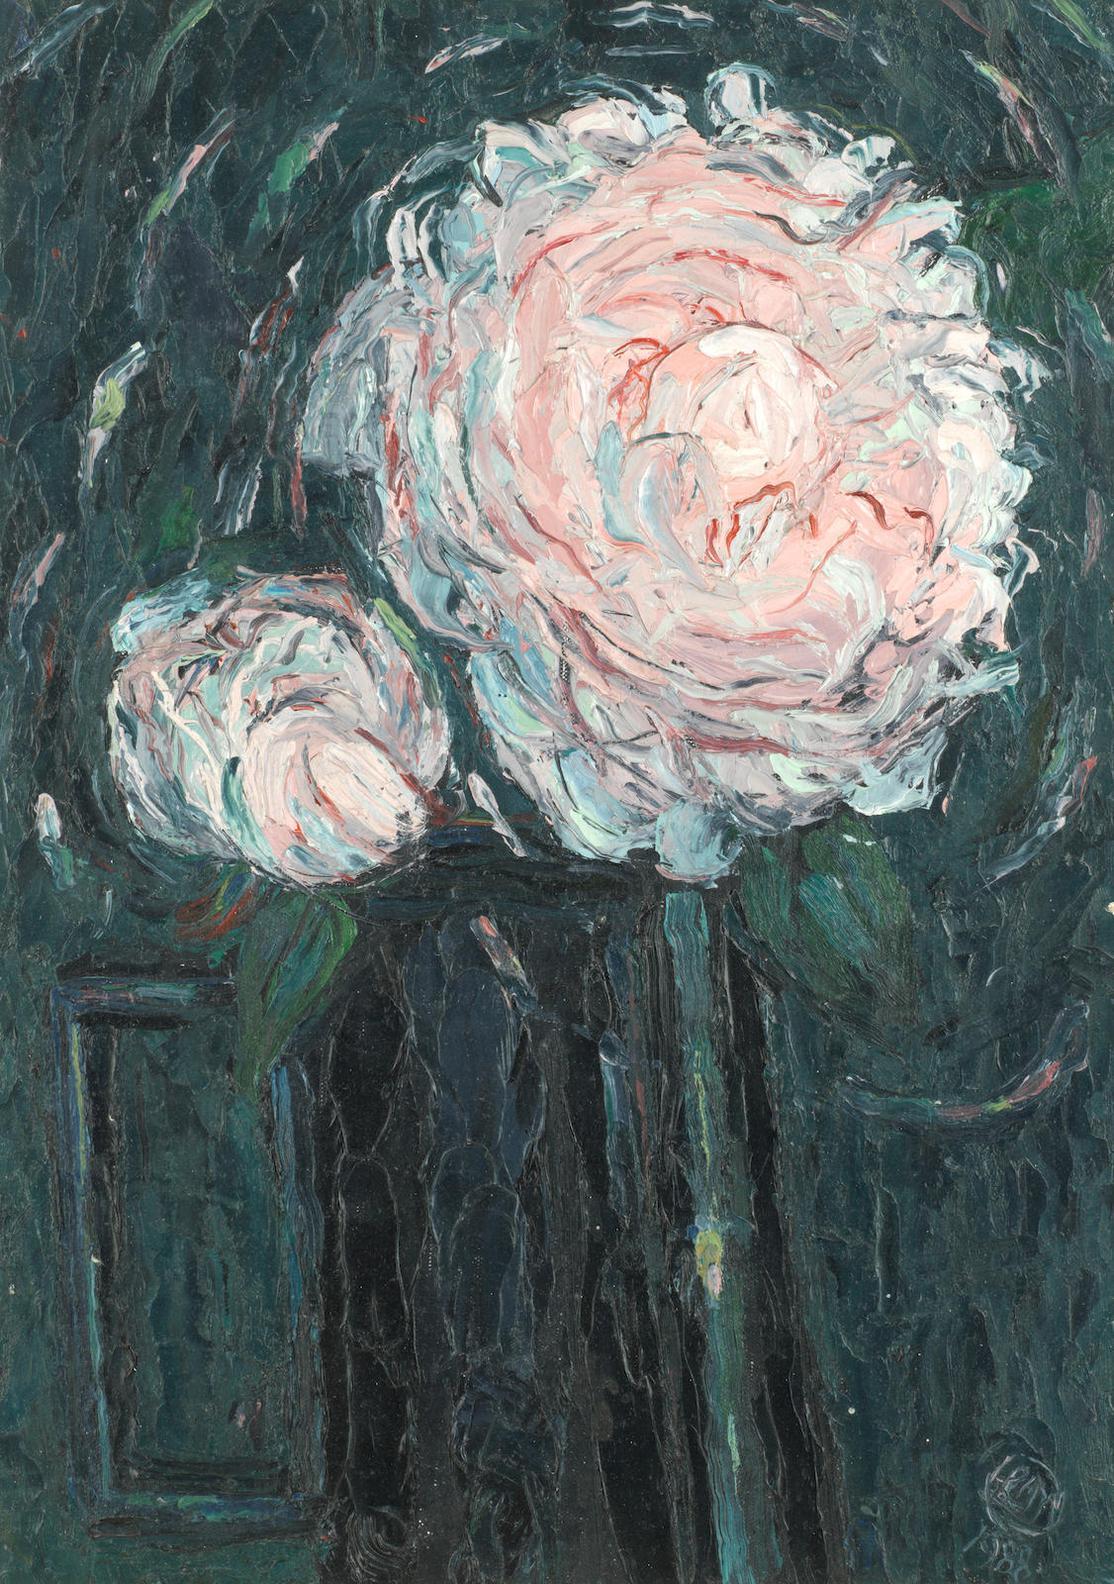 Leonard Mccomb - Camellias In A Black Jug-1988